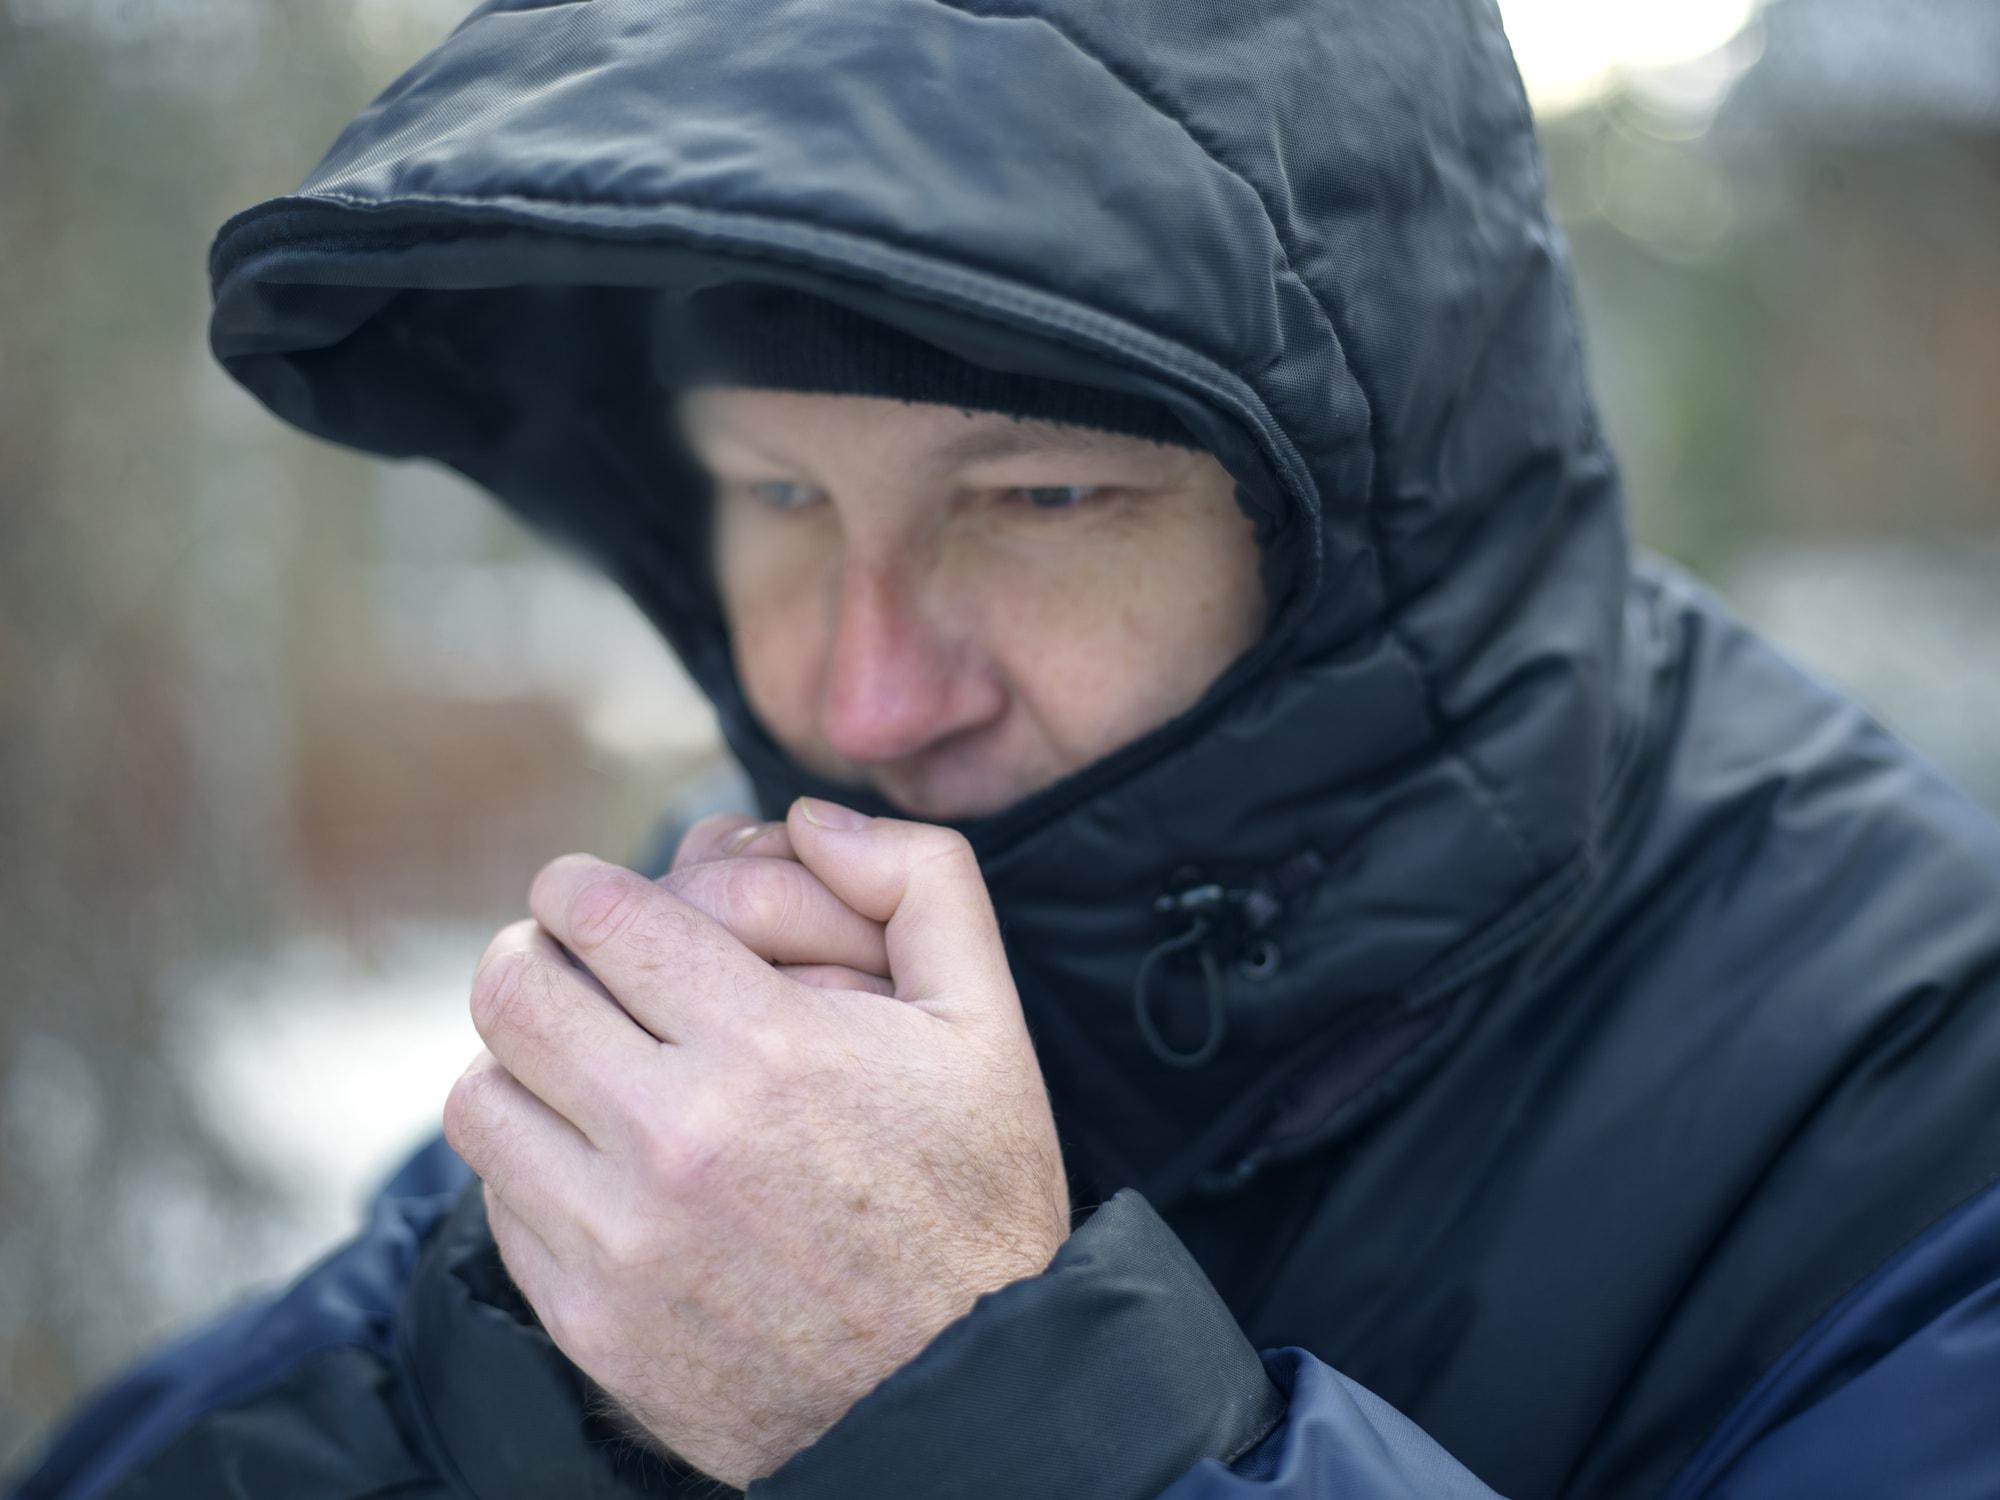 Geschwollene Hände durch Kälte